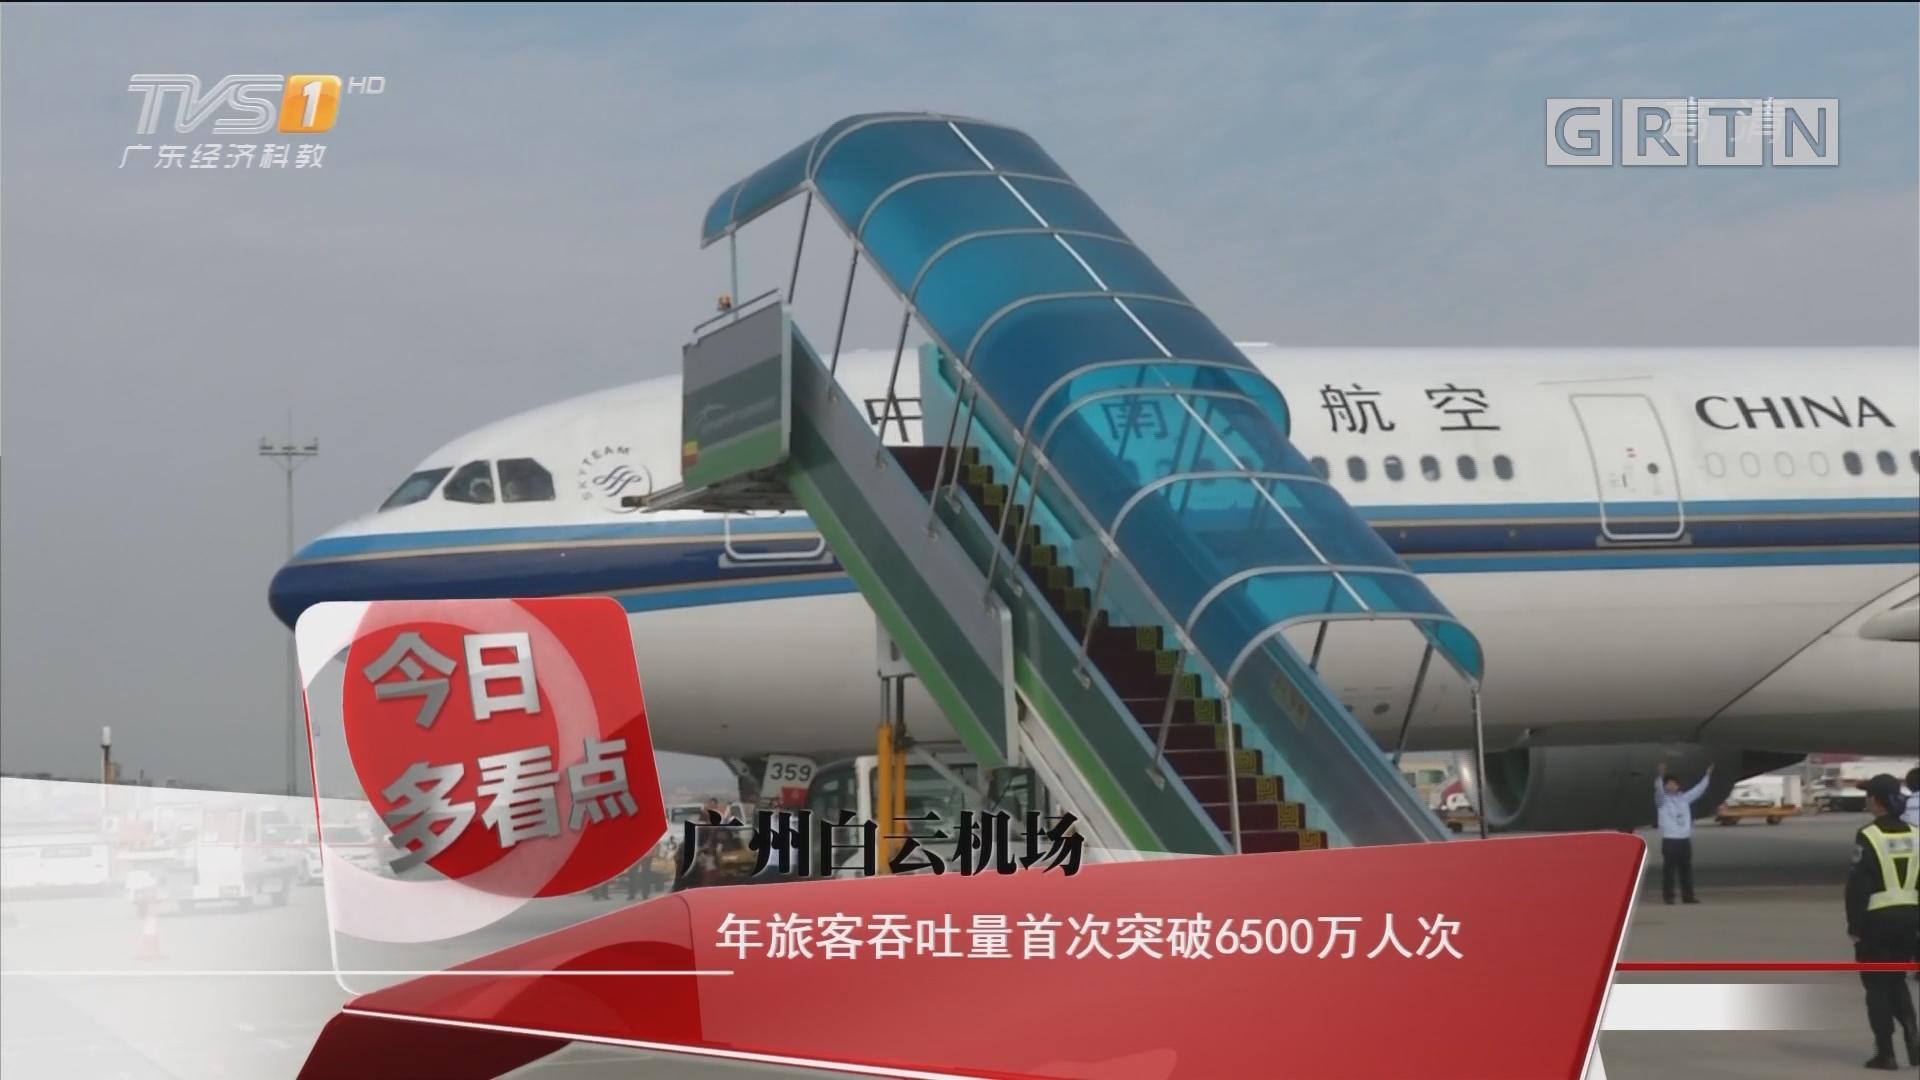 广州白云机场:年旅客吞吐量首次突破6500万人次